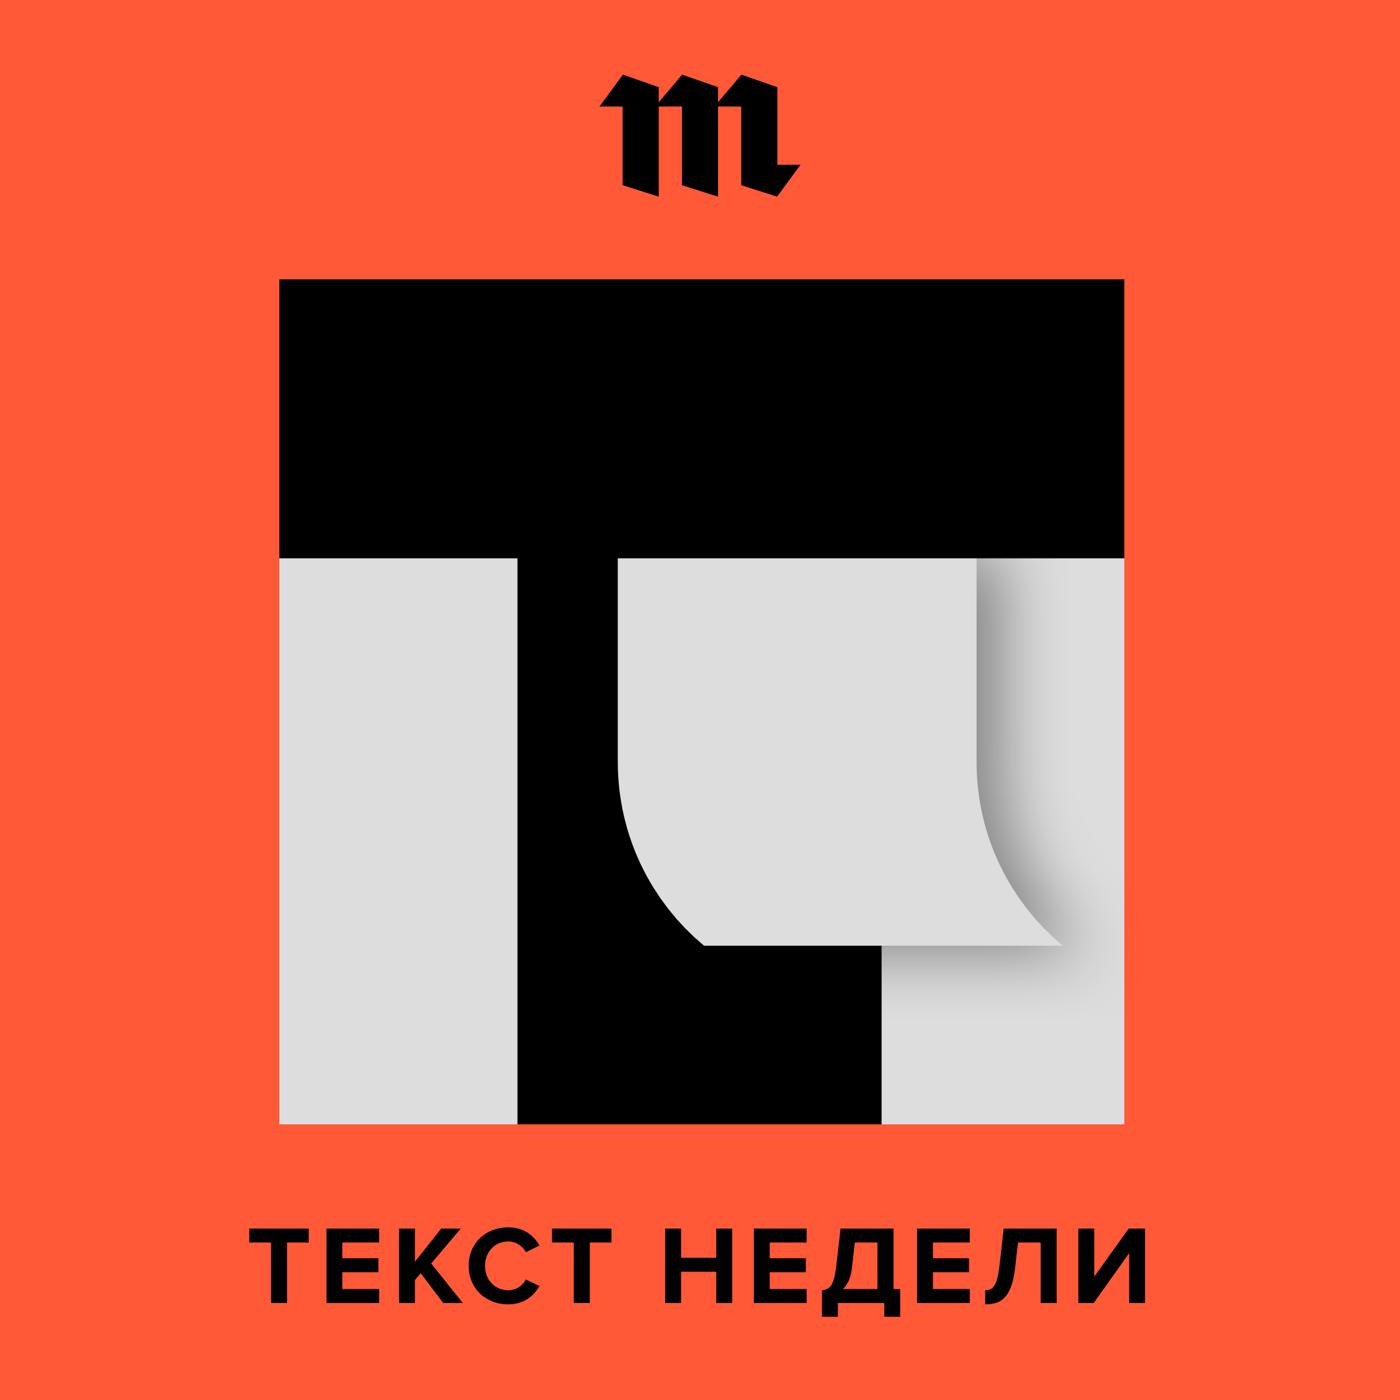 Как в России преследуют левых активистов, выбивая признания под пытками